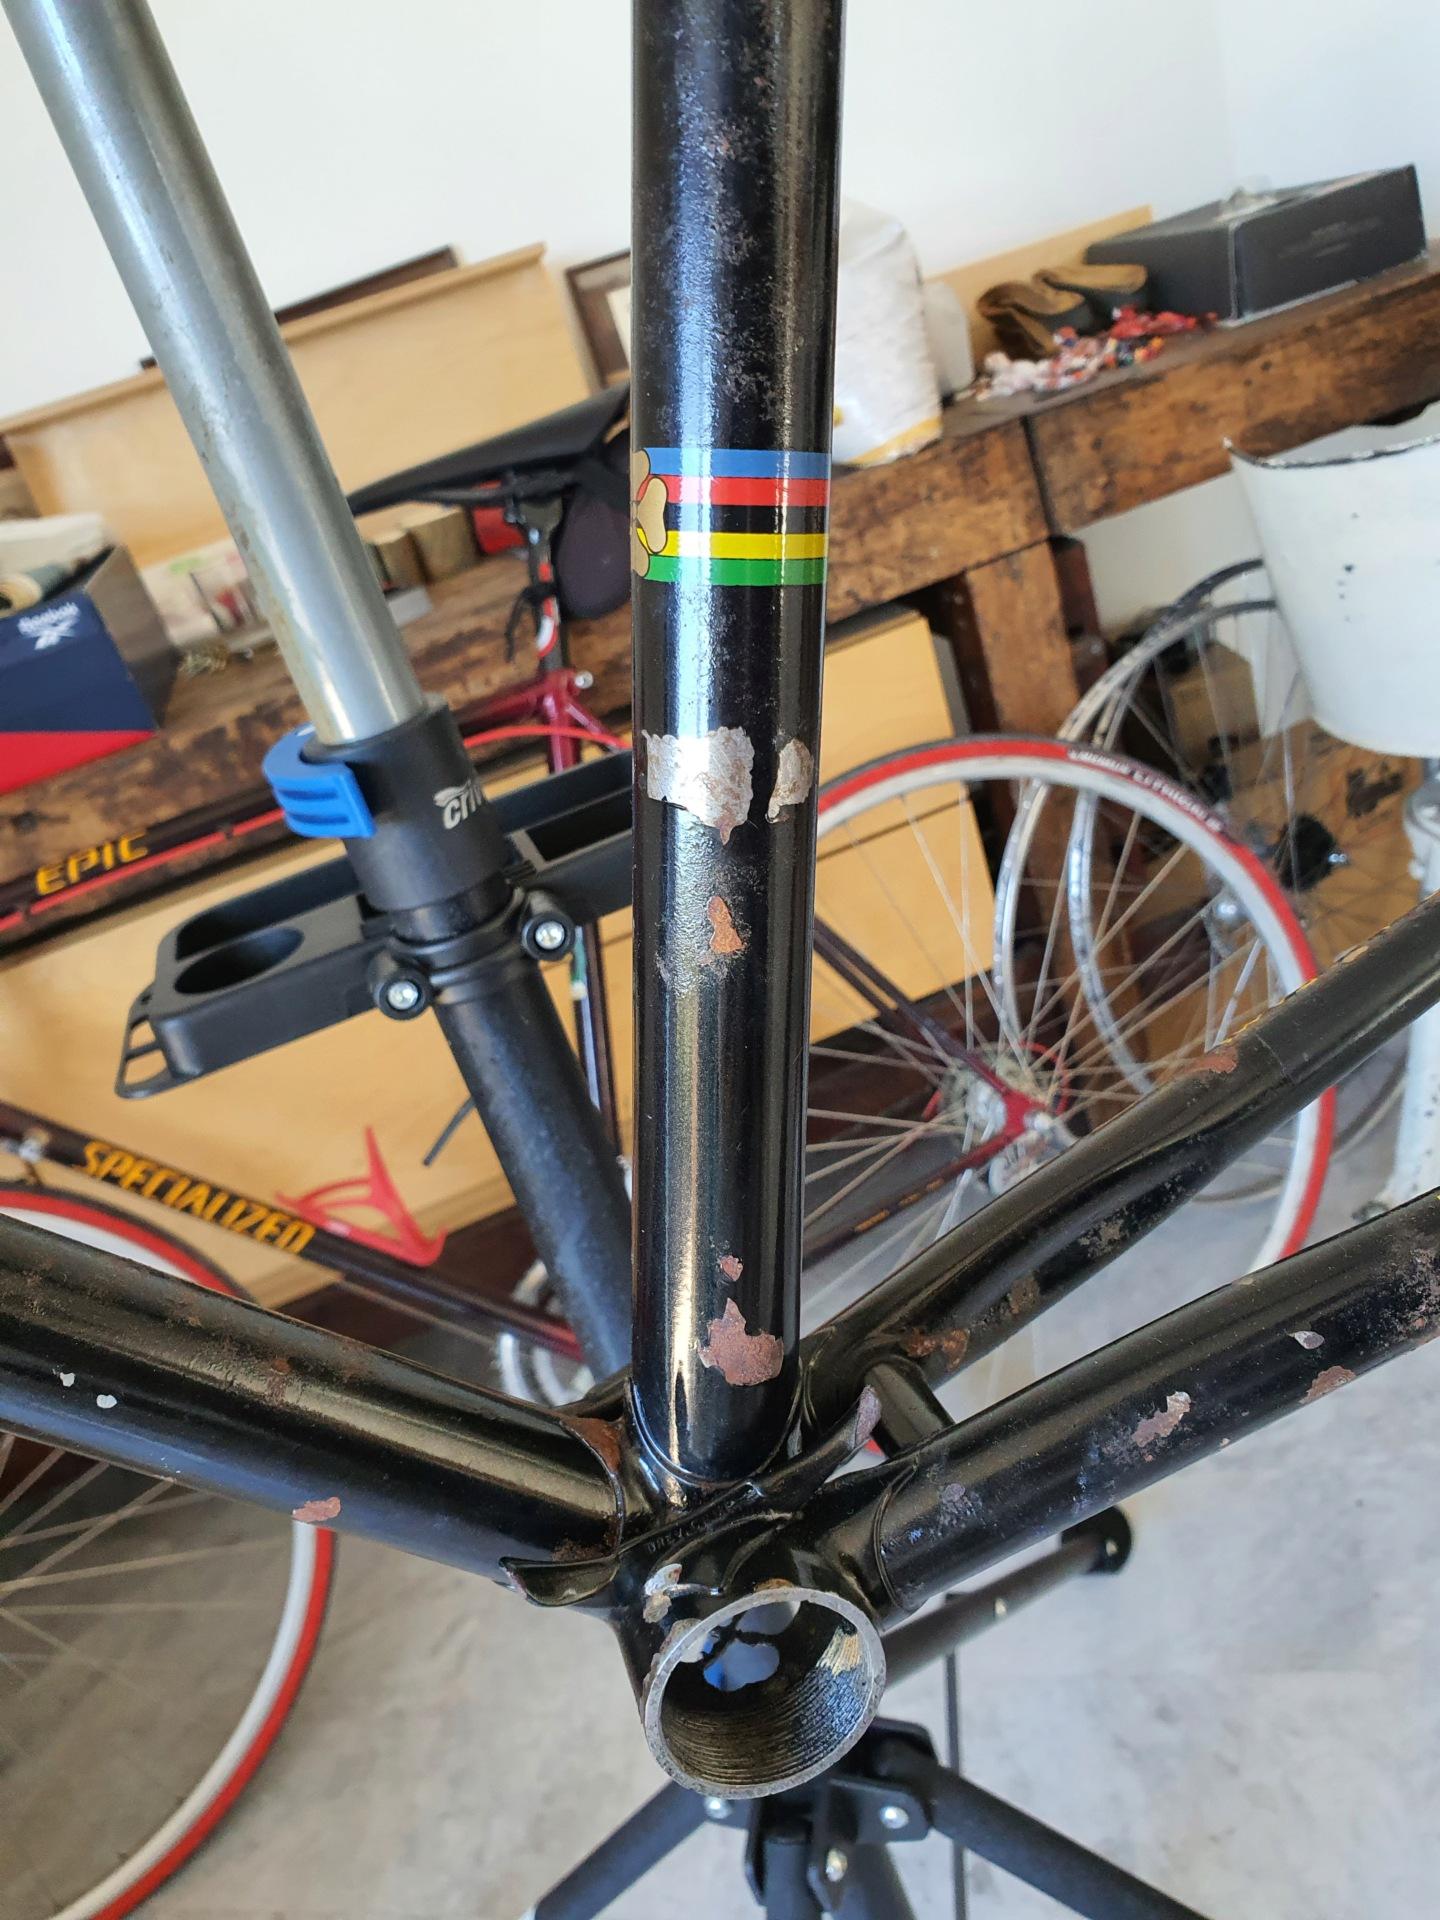 Restauration vélo TOMI 1977 (peut être). Cadre - peinture ou pas? 20211012